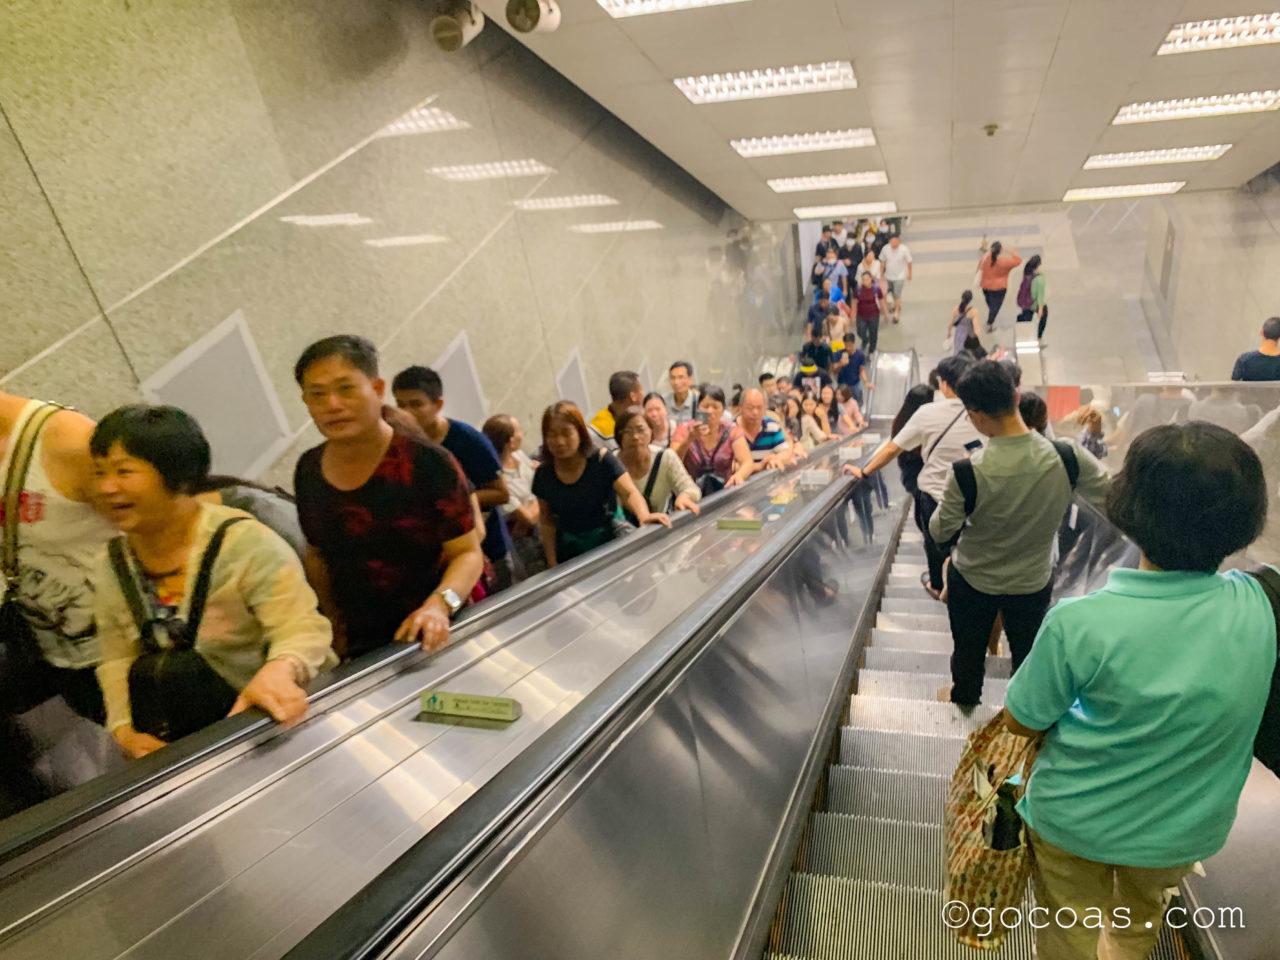 タイ文化センター駅帰りのエスカレーター